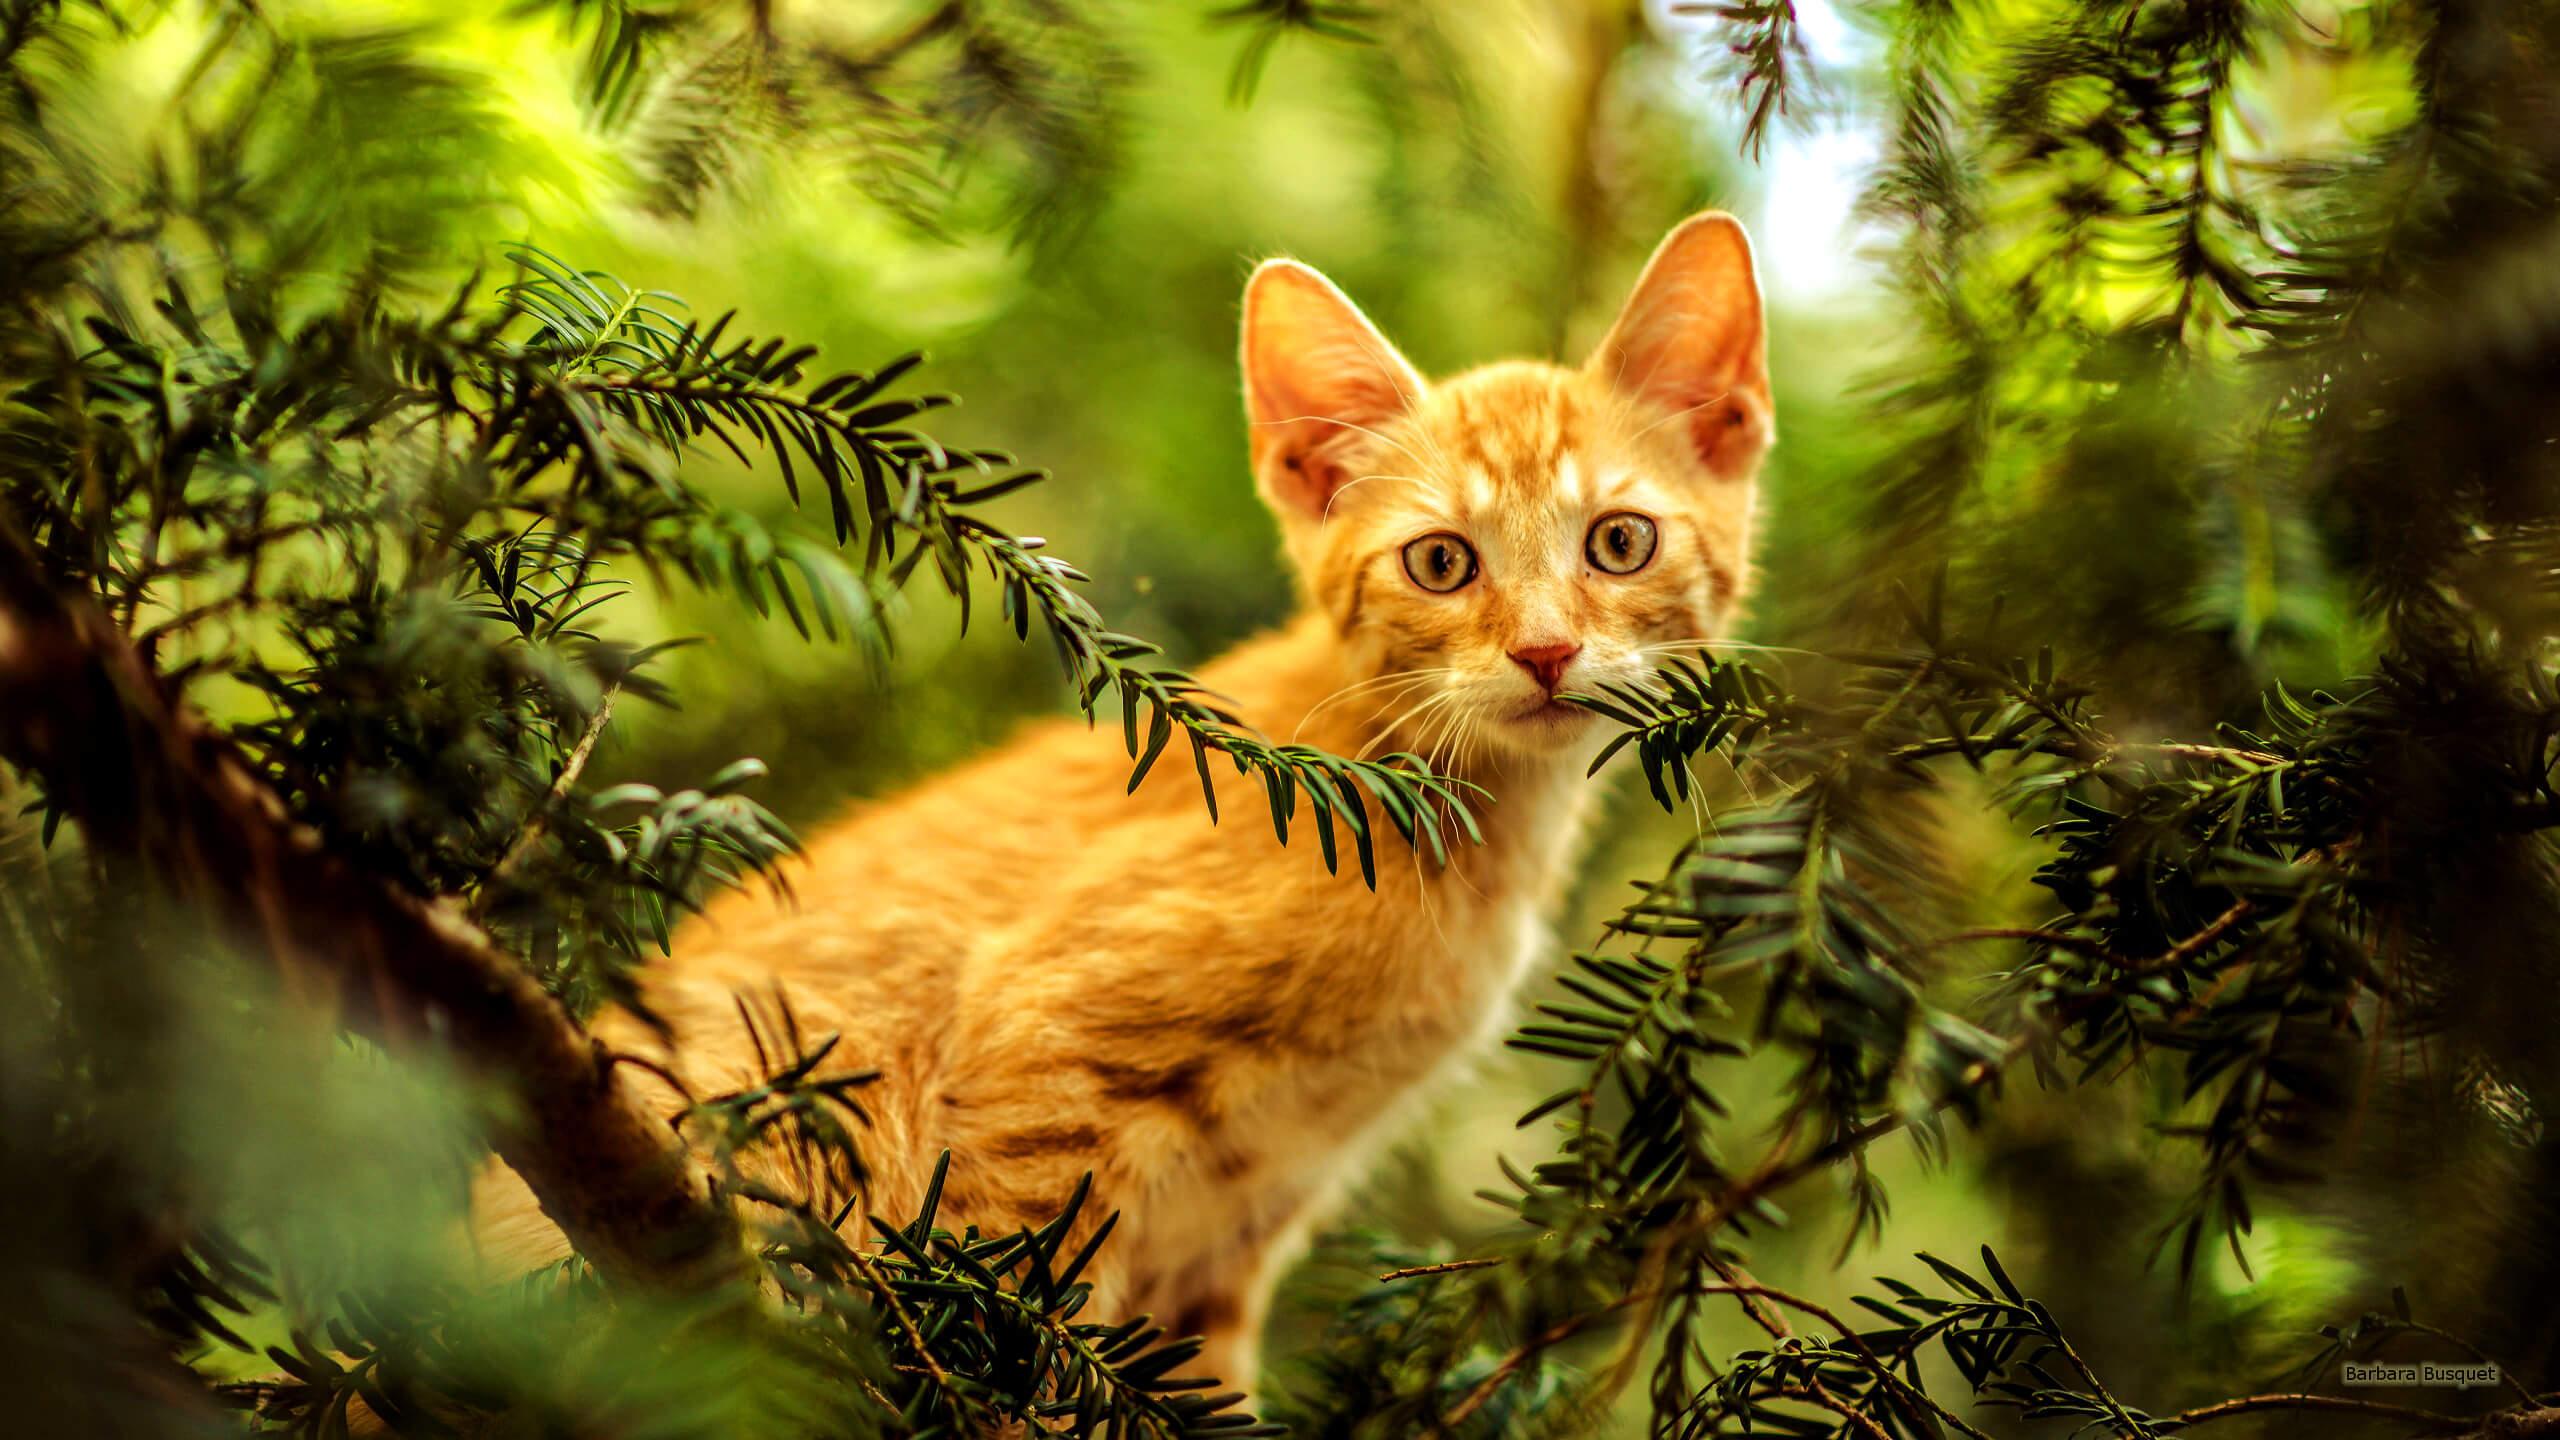 Uma Lenda Budista Sobre Gatos Que Todos Deveriam Ler